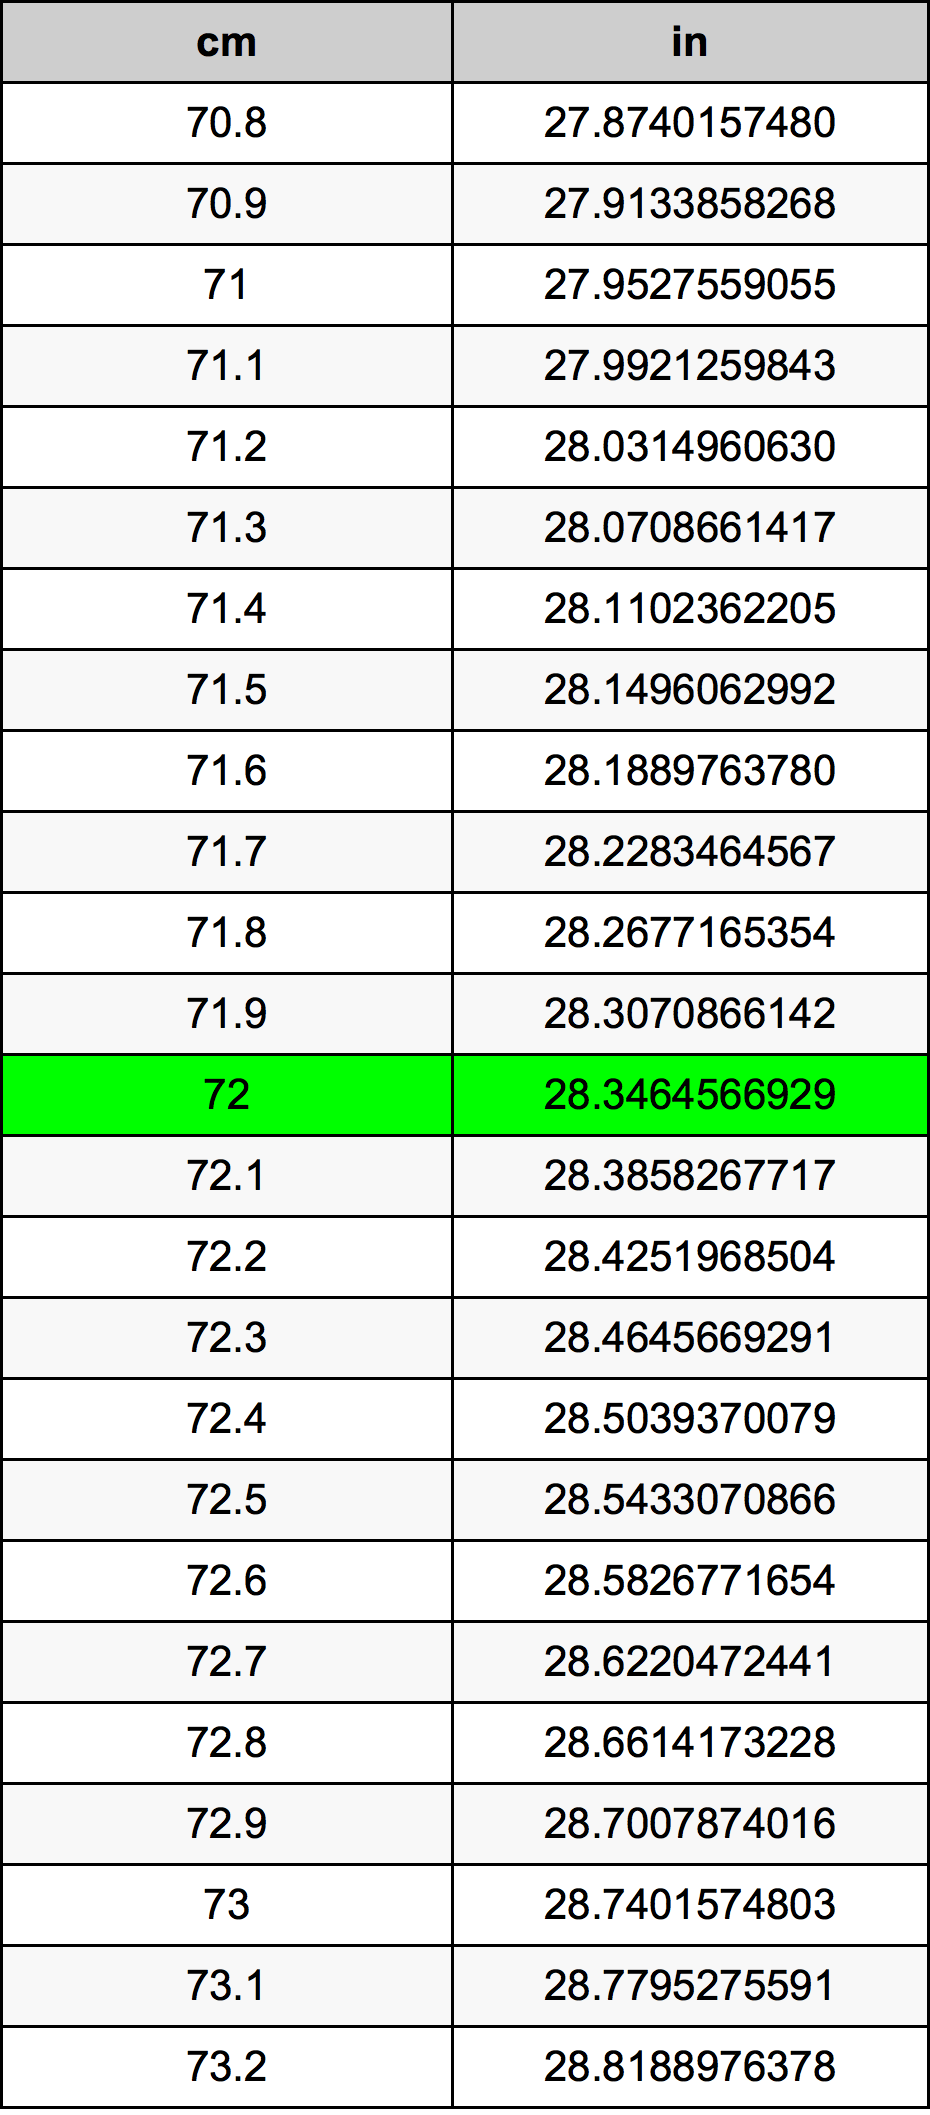 72 Centiméter átszámítási táblázat